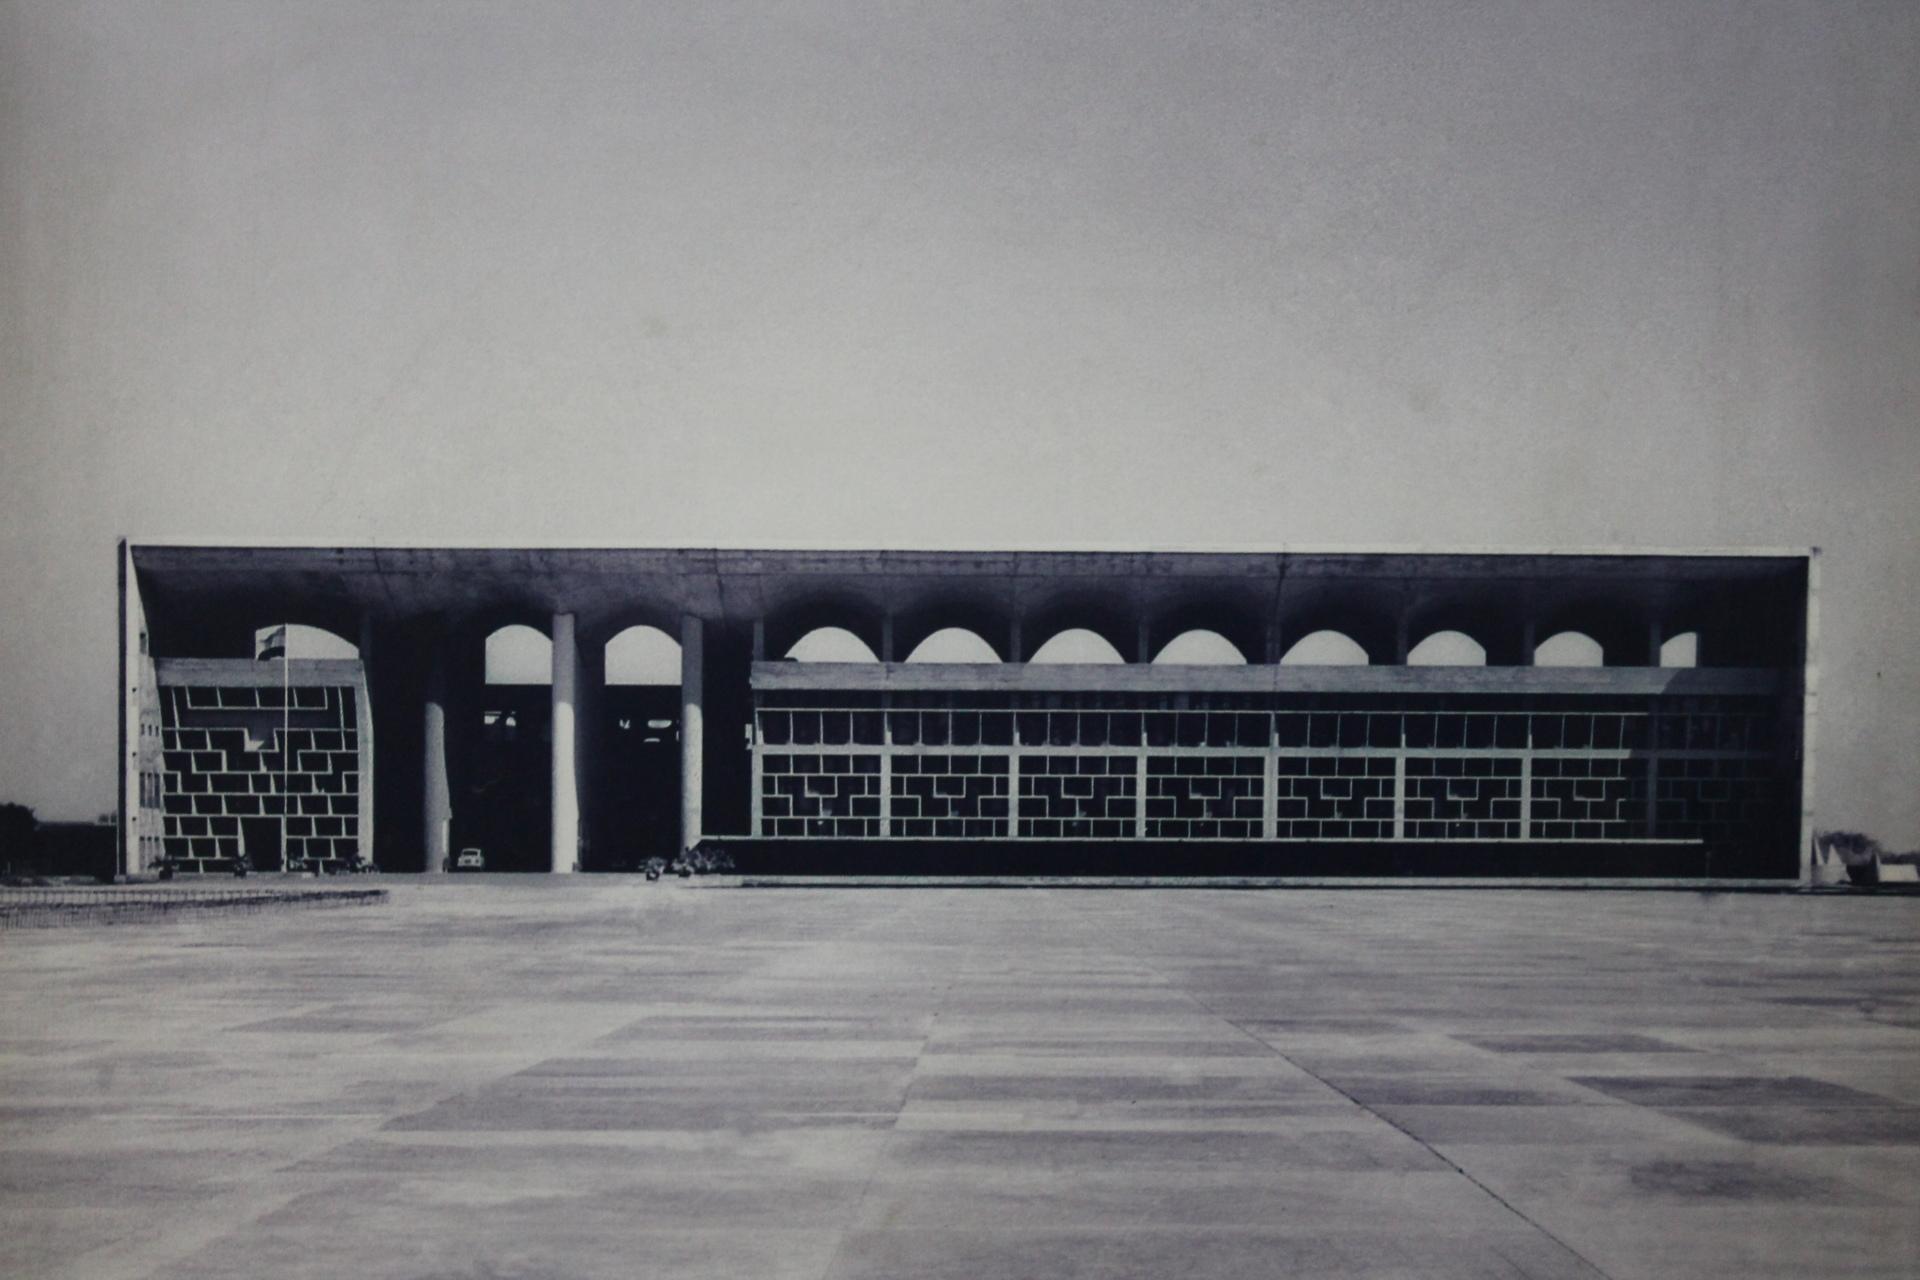 Le Corbusier: Chandigarh, Versprechen und Herausforderung.